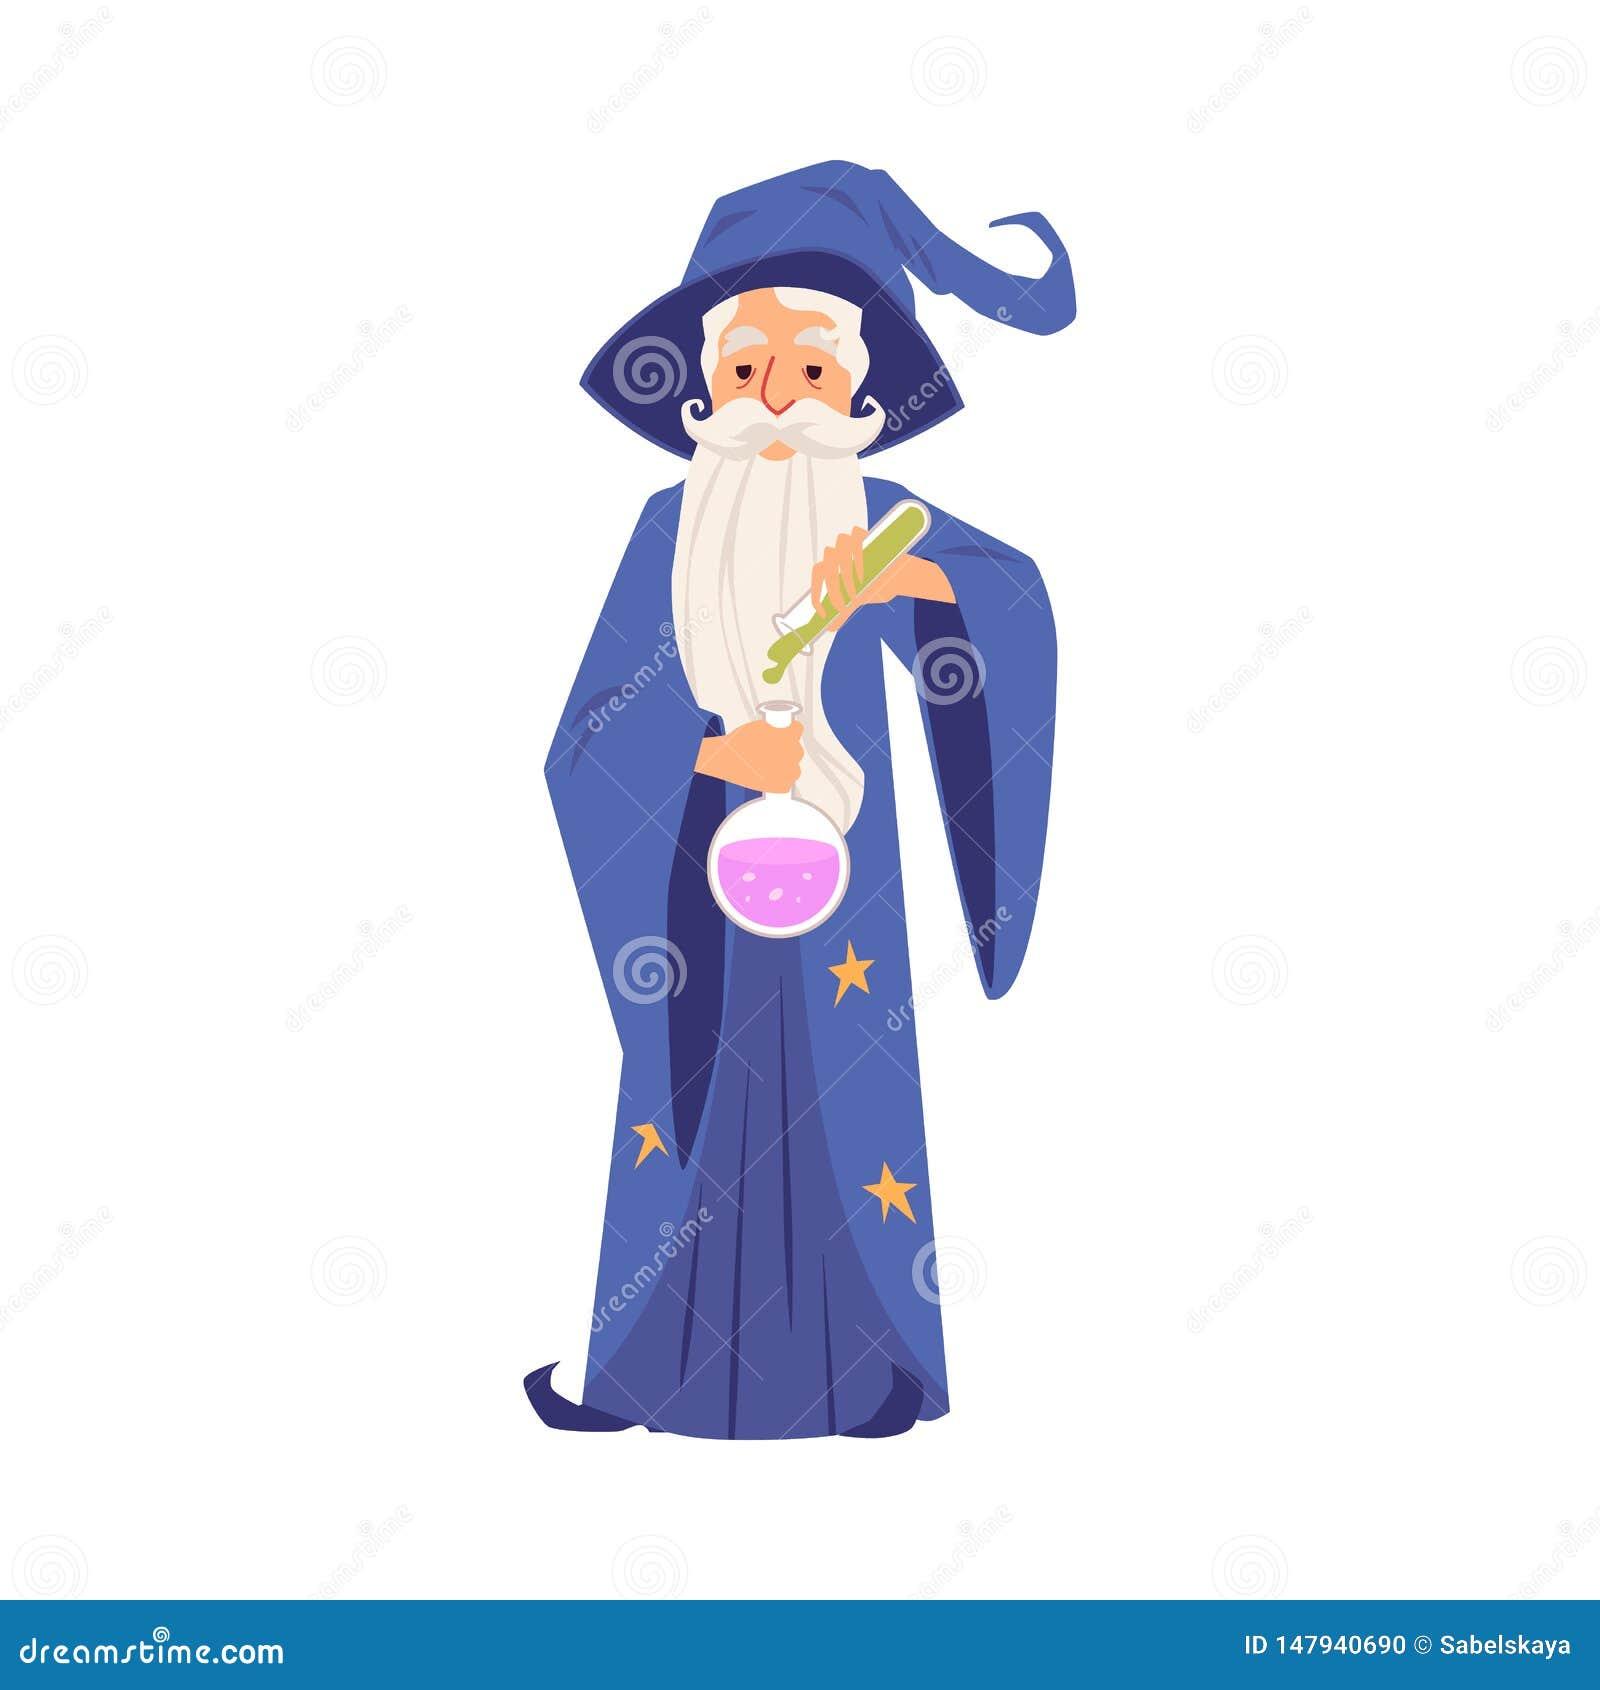 Alter Zauberermann in den Roben- und Hutständen, die Reagenzglas- und Flaschenkarikaturart halten